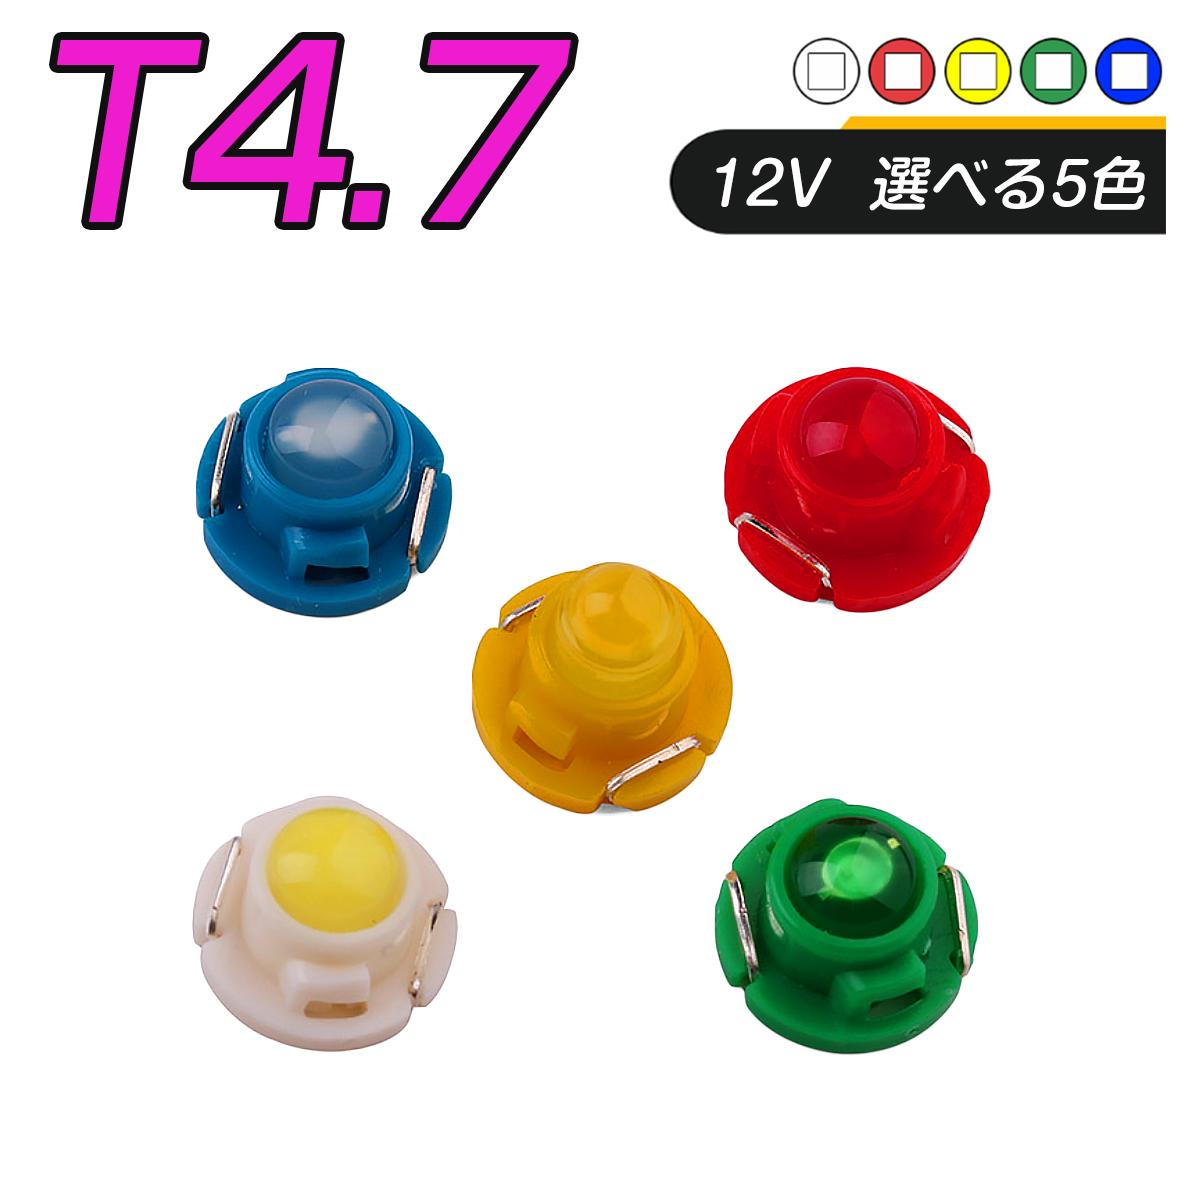 LED T4.7 SMD 選べるカラー5色 メーター球 タコランプ インジケーター エアコンパネル 超拡散 全面発光 2個セット SDM便送料無料 1ヶ月保証